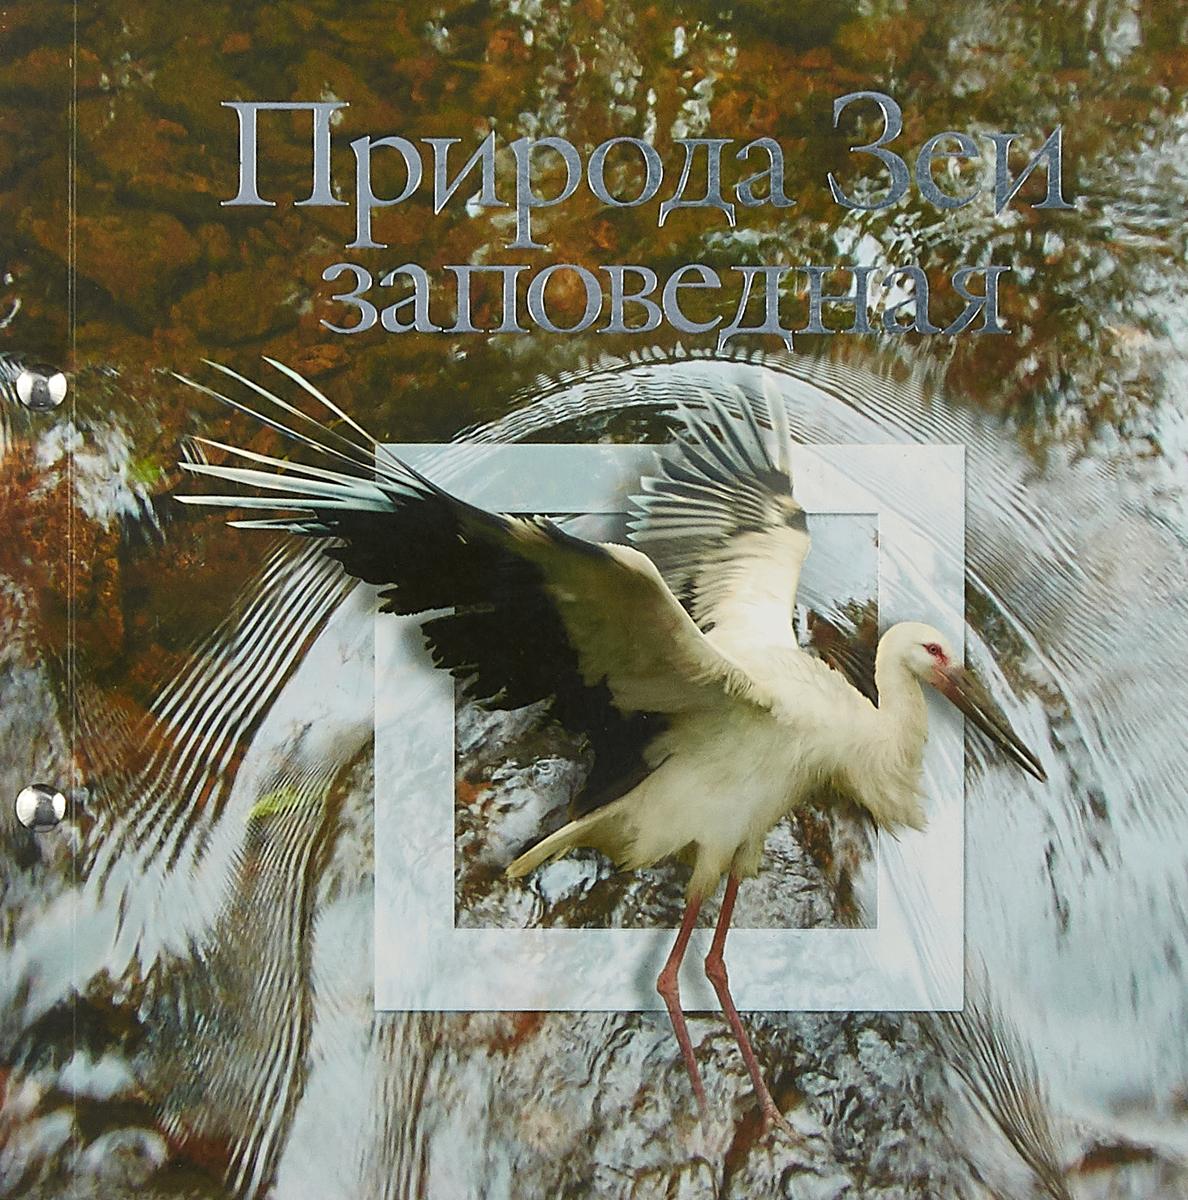 Л.А.Лебедев Природа Зеи заповедная: экологическая фотопоэма